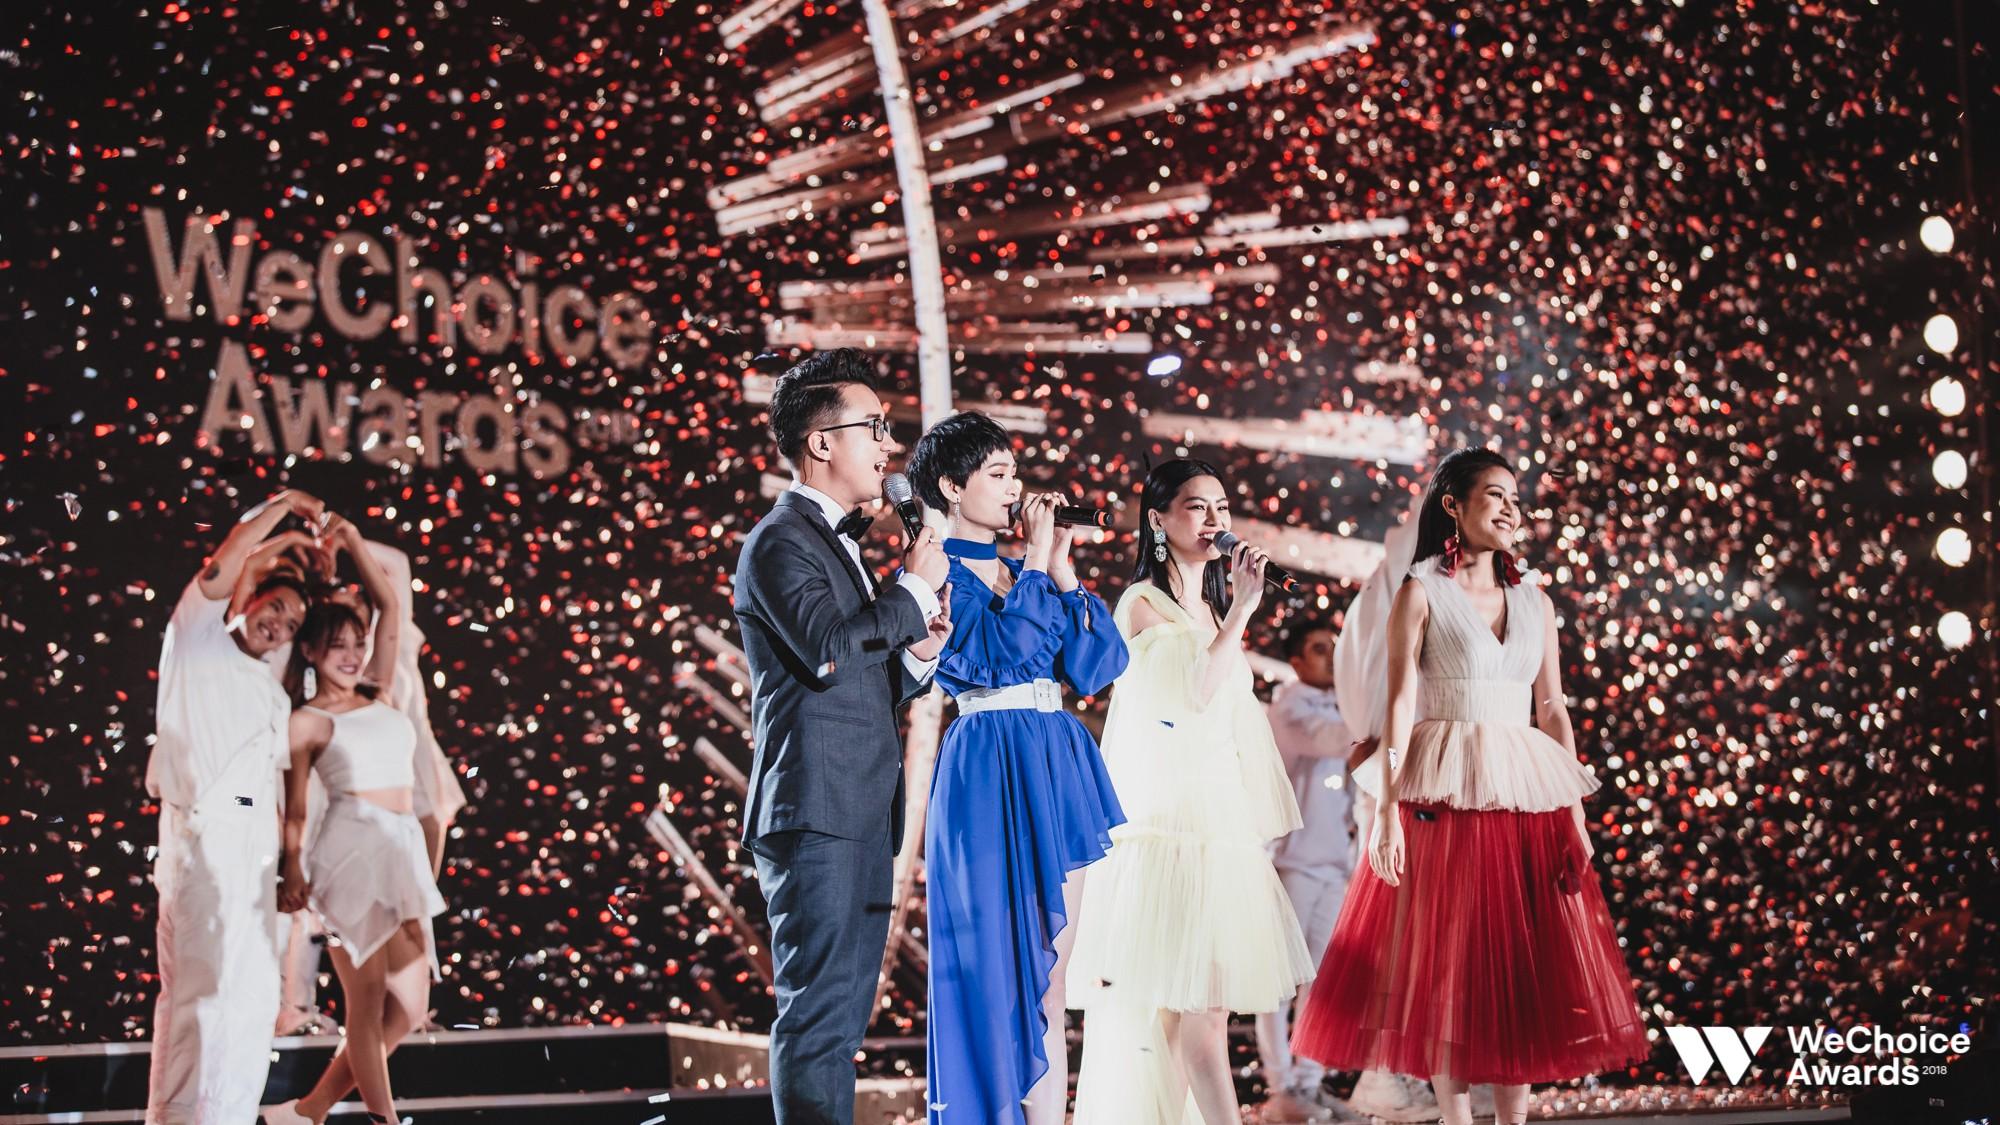 Khán giả nhún nhảy, hát theo cùng Hiền Hồ, Bùi Lan Hương trong ca khúc linh hồn của WeChoice Awards - Ảnh 7.